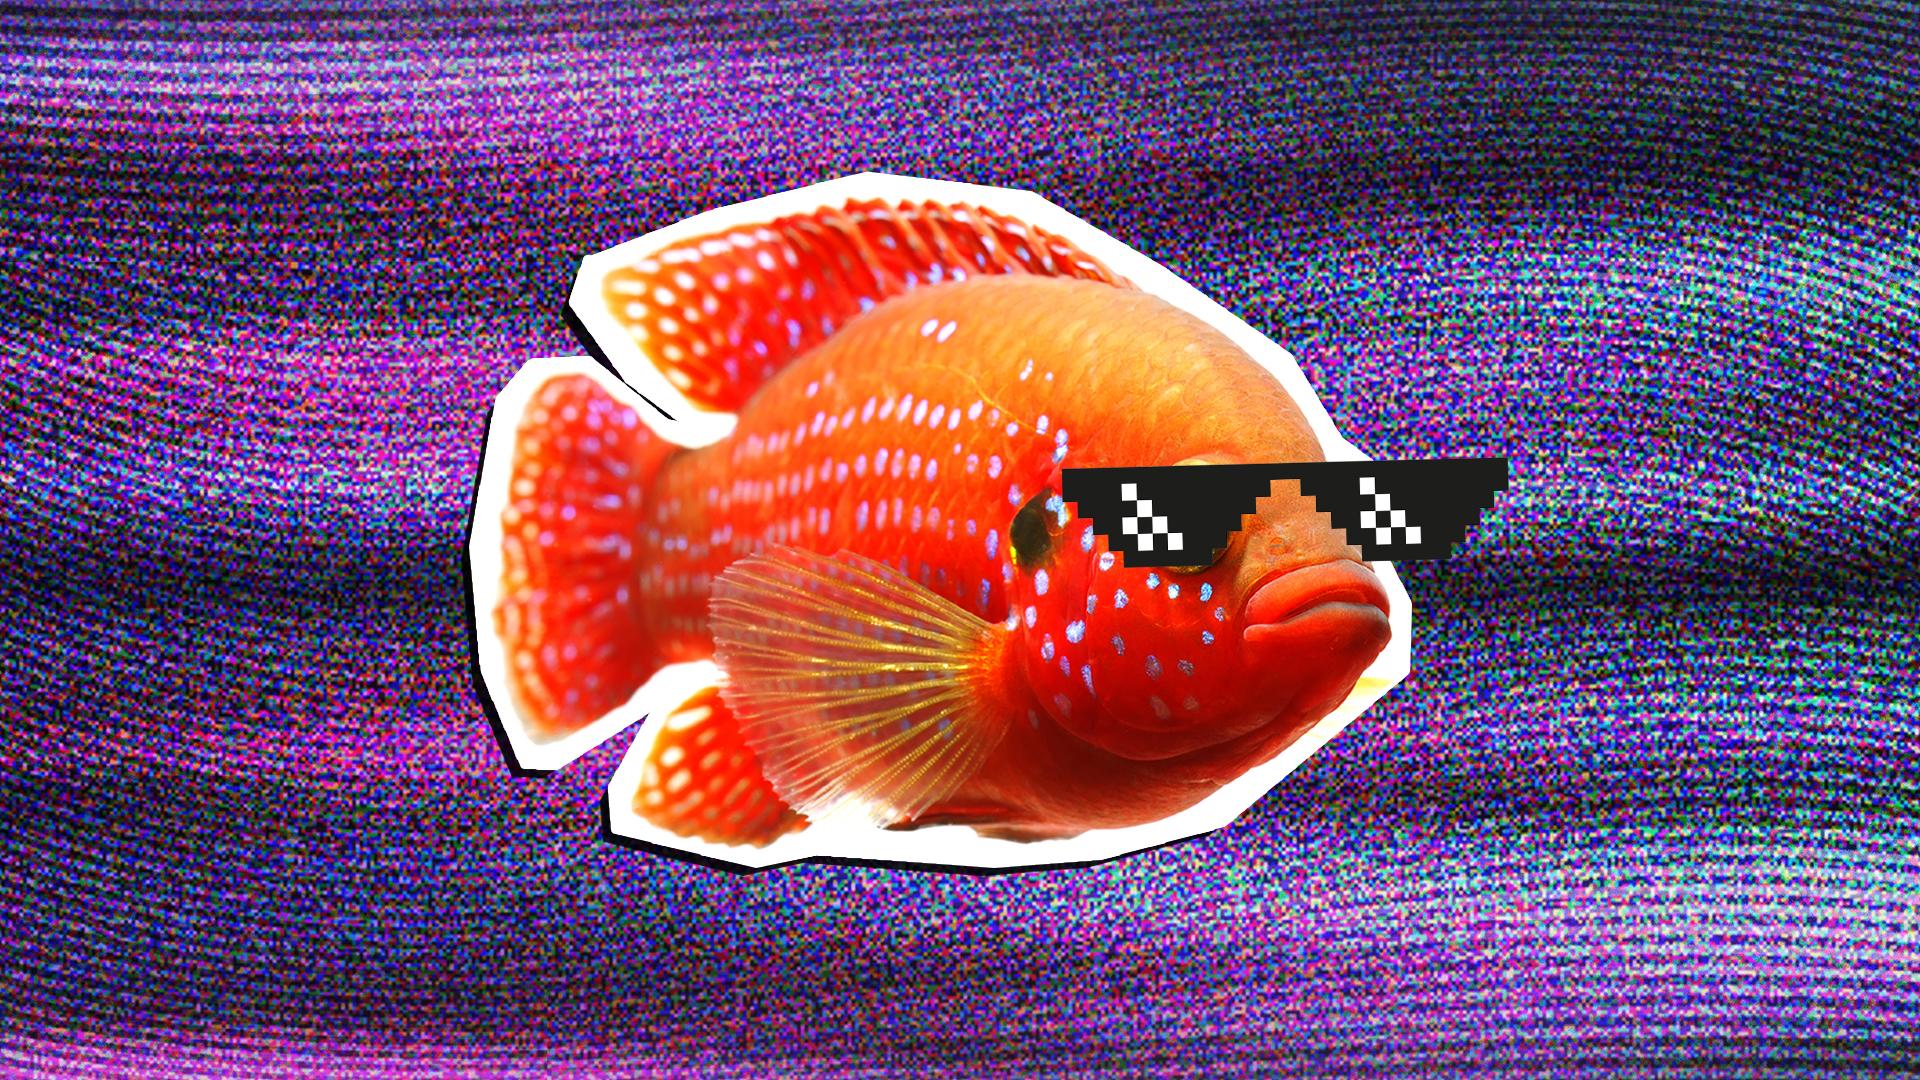 A goldfish wearing sunglasses